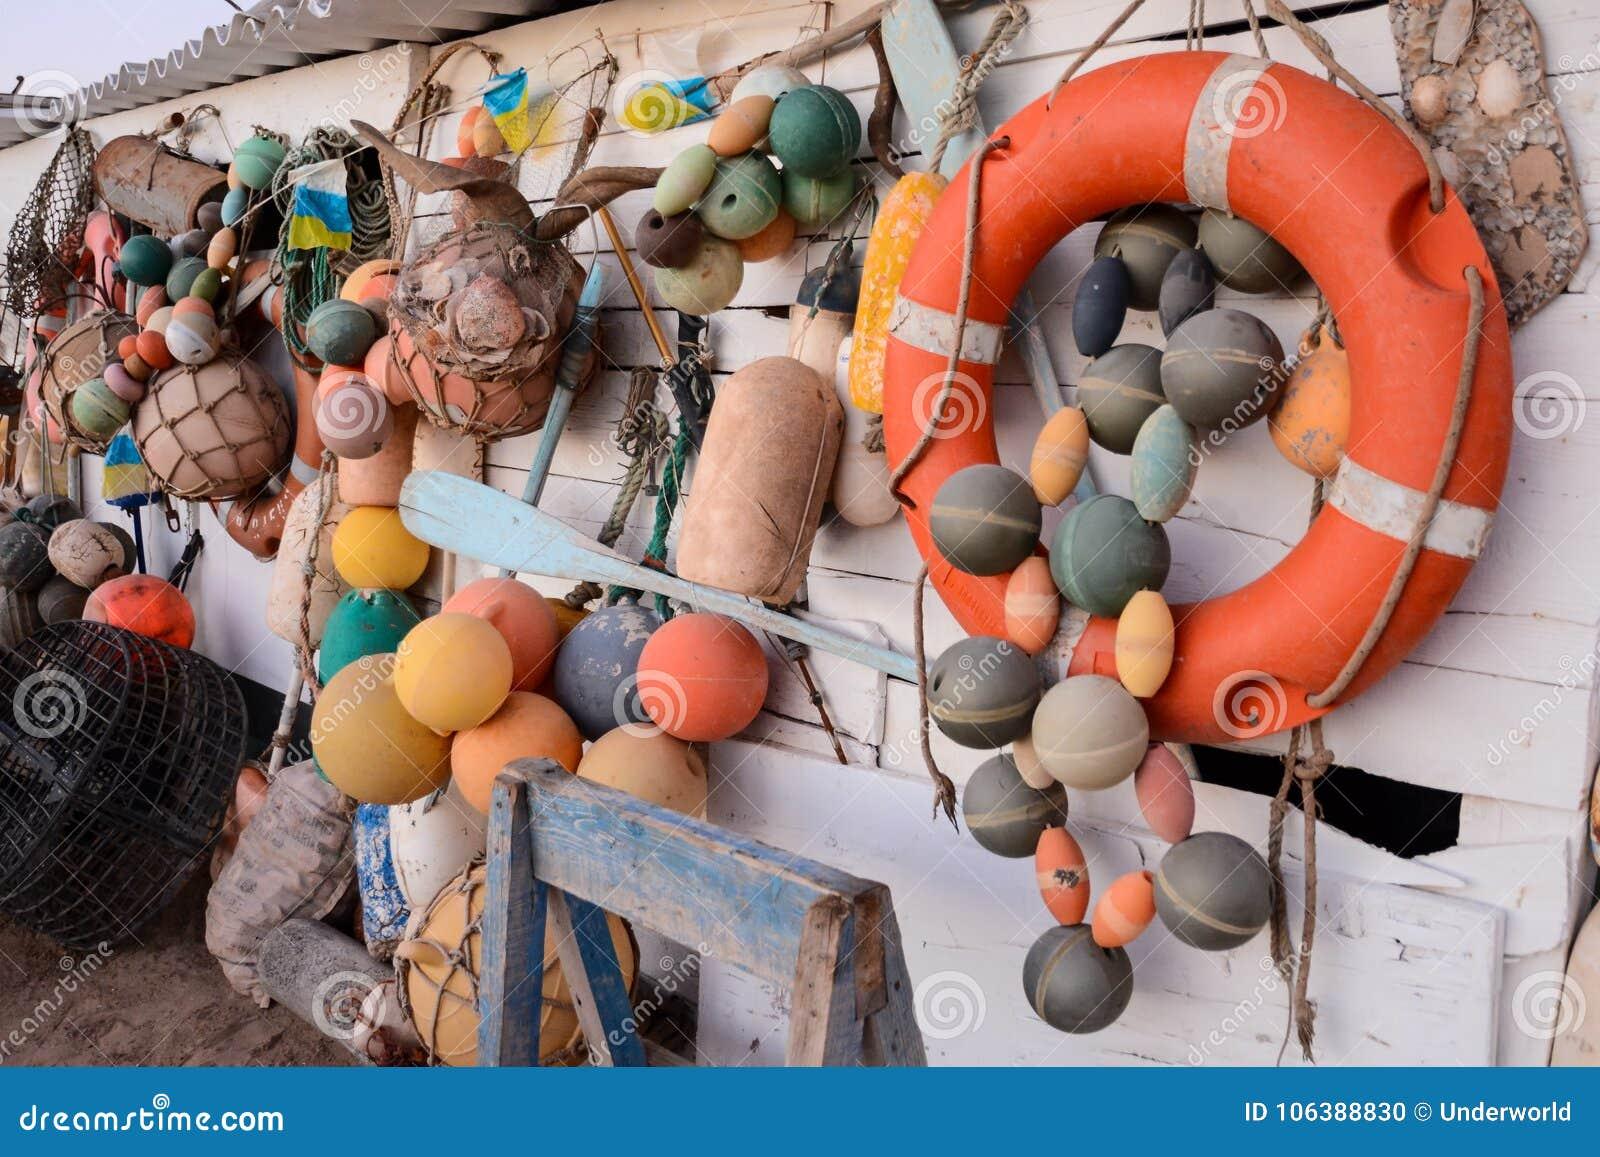 Marine Rescue Lifebelt Buoy